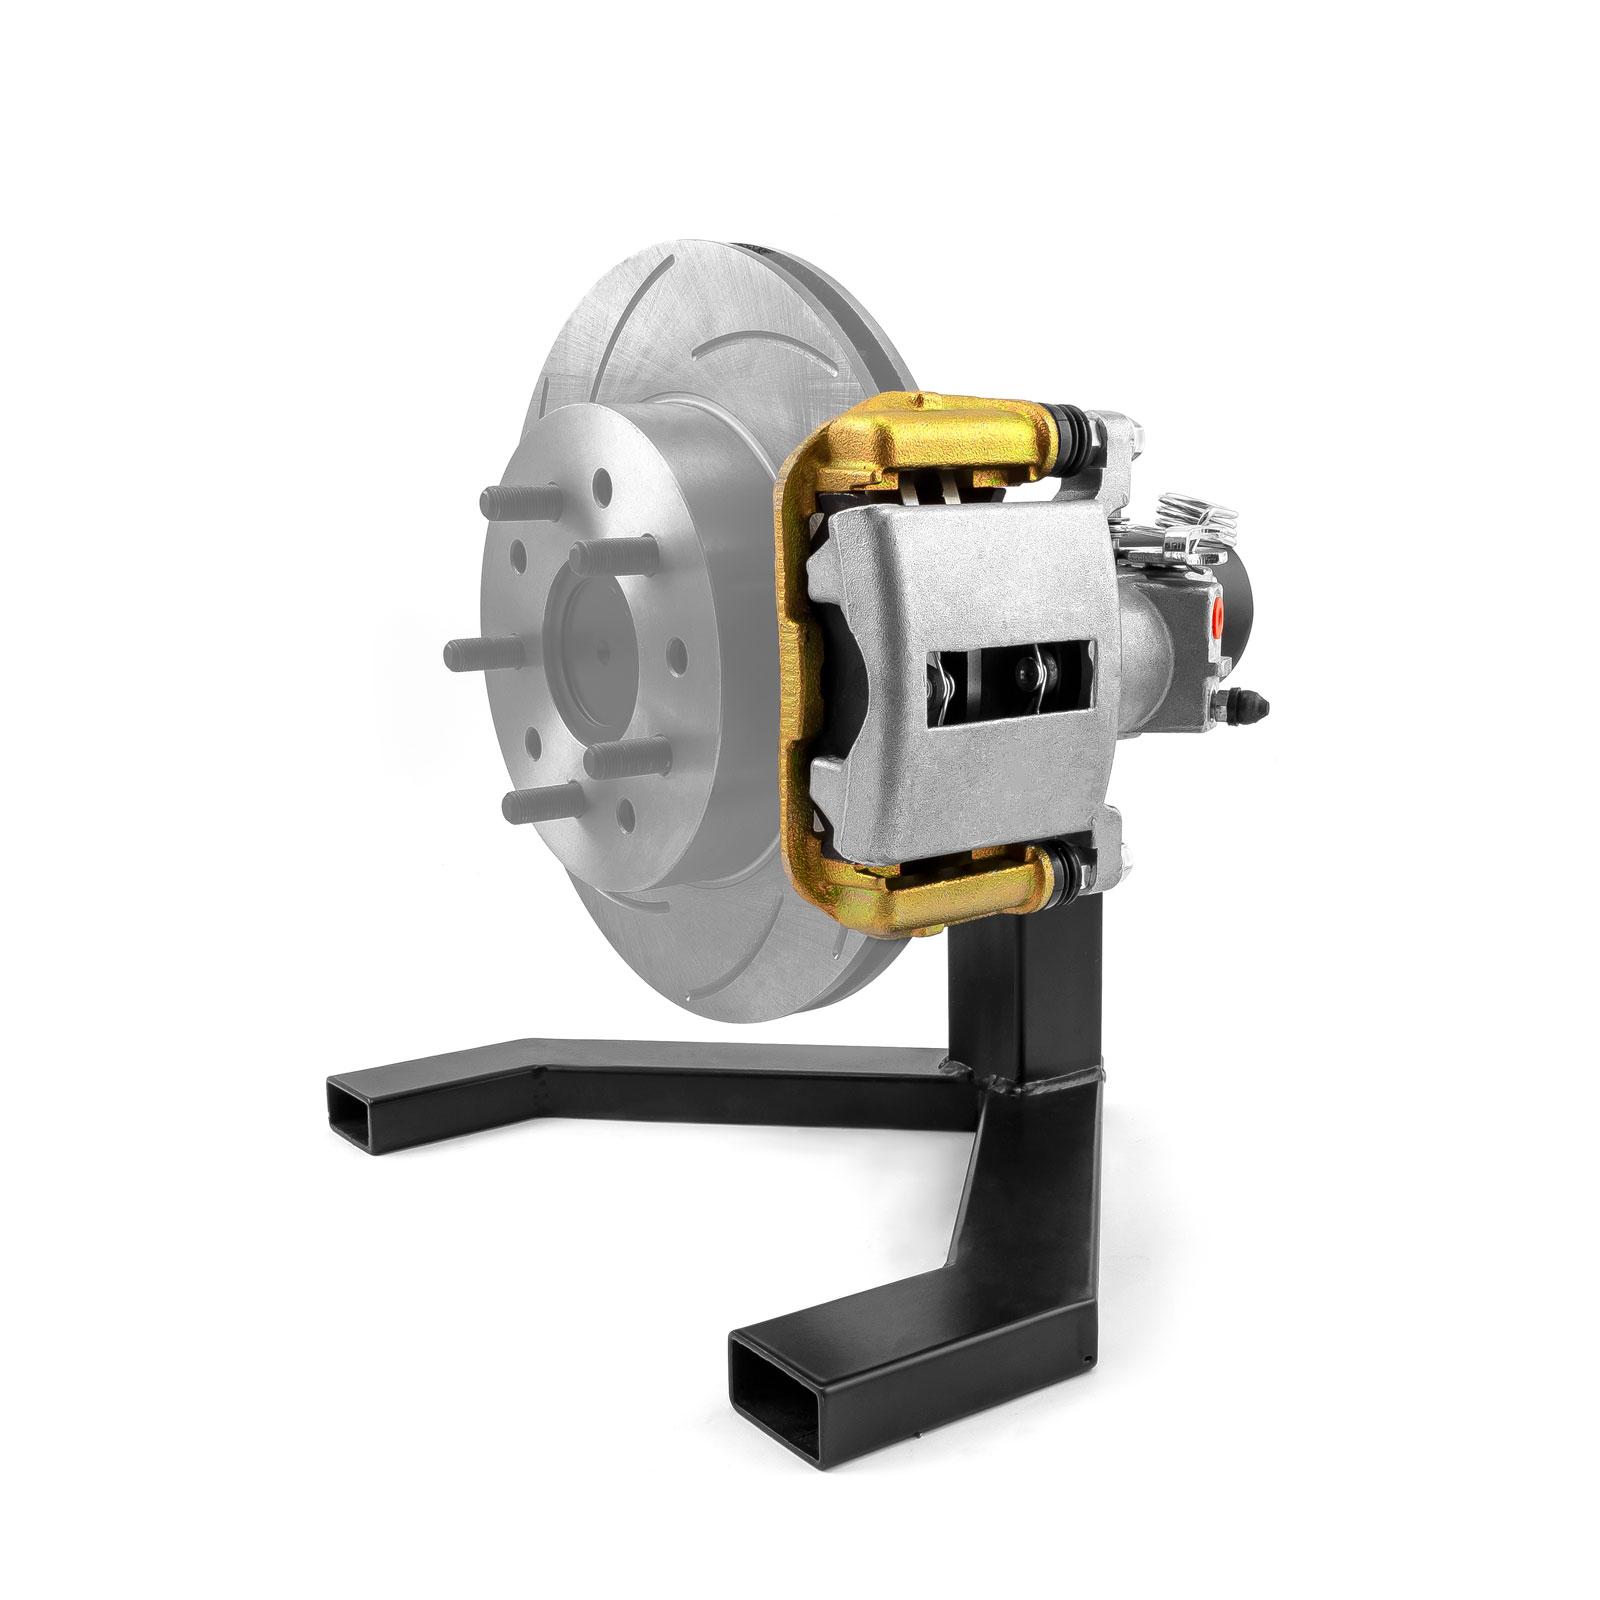 PCE® PCE521.1021 Universal Single Piston Rear Disc Brake Conversion Kit